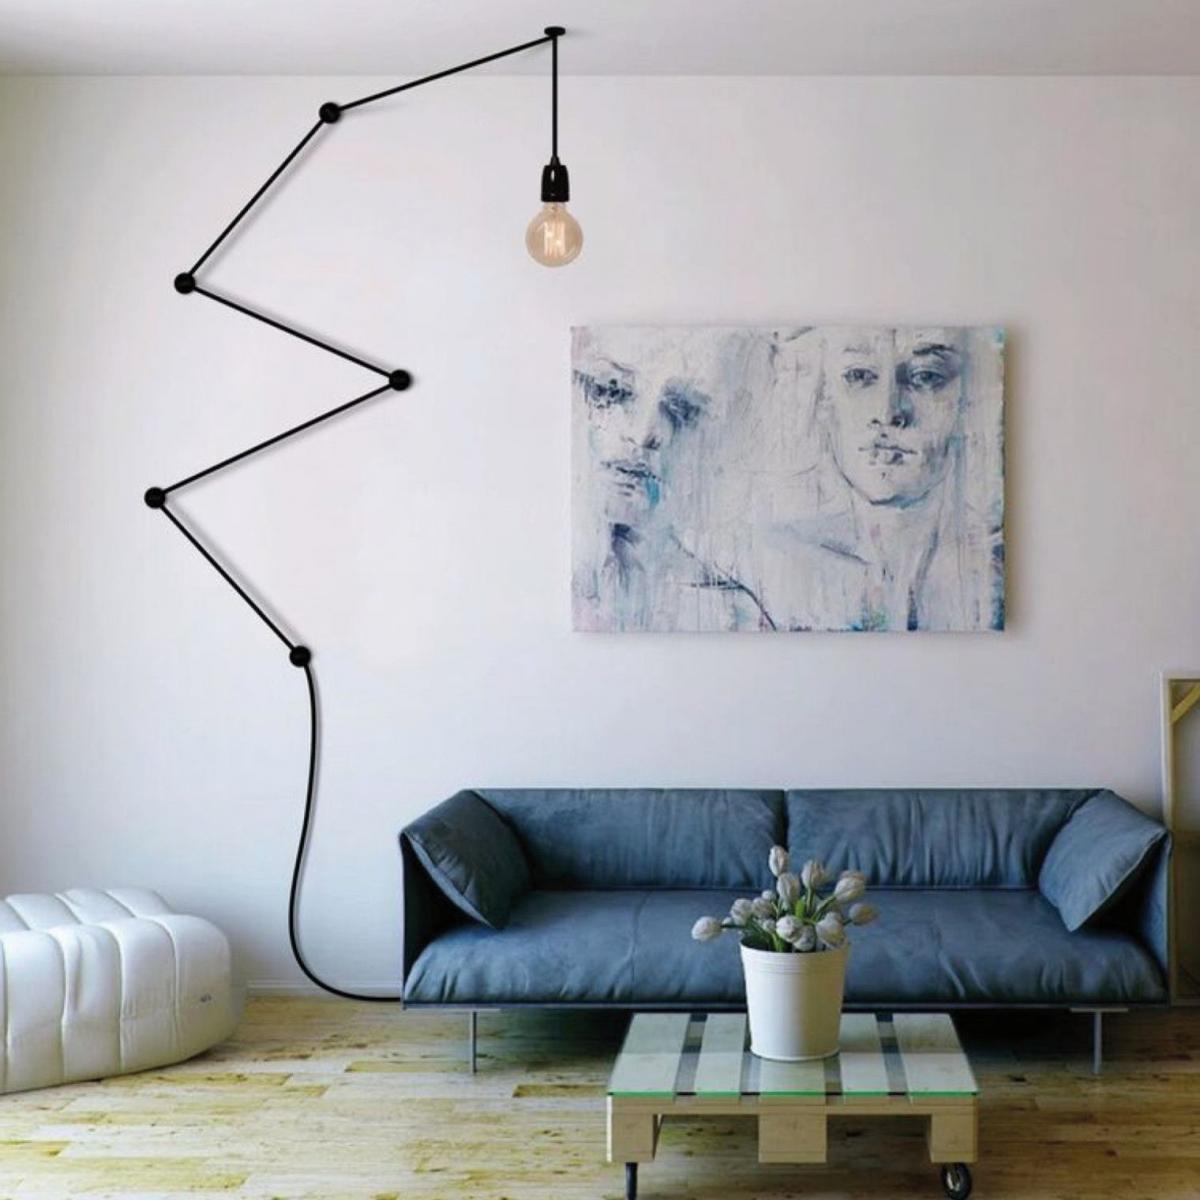 Comment Disposer Des Cadres Au Dessus D Un Canapé 10 idées pour décorer le mur au-dessus du canapé | madame décore